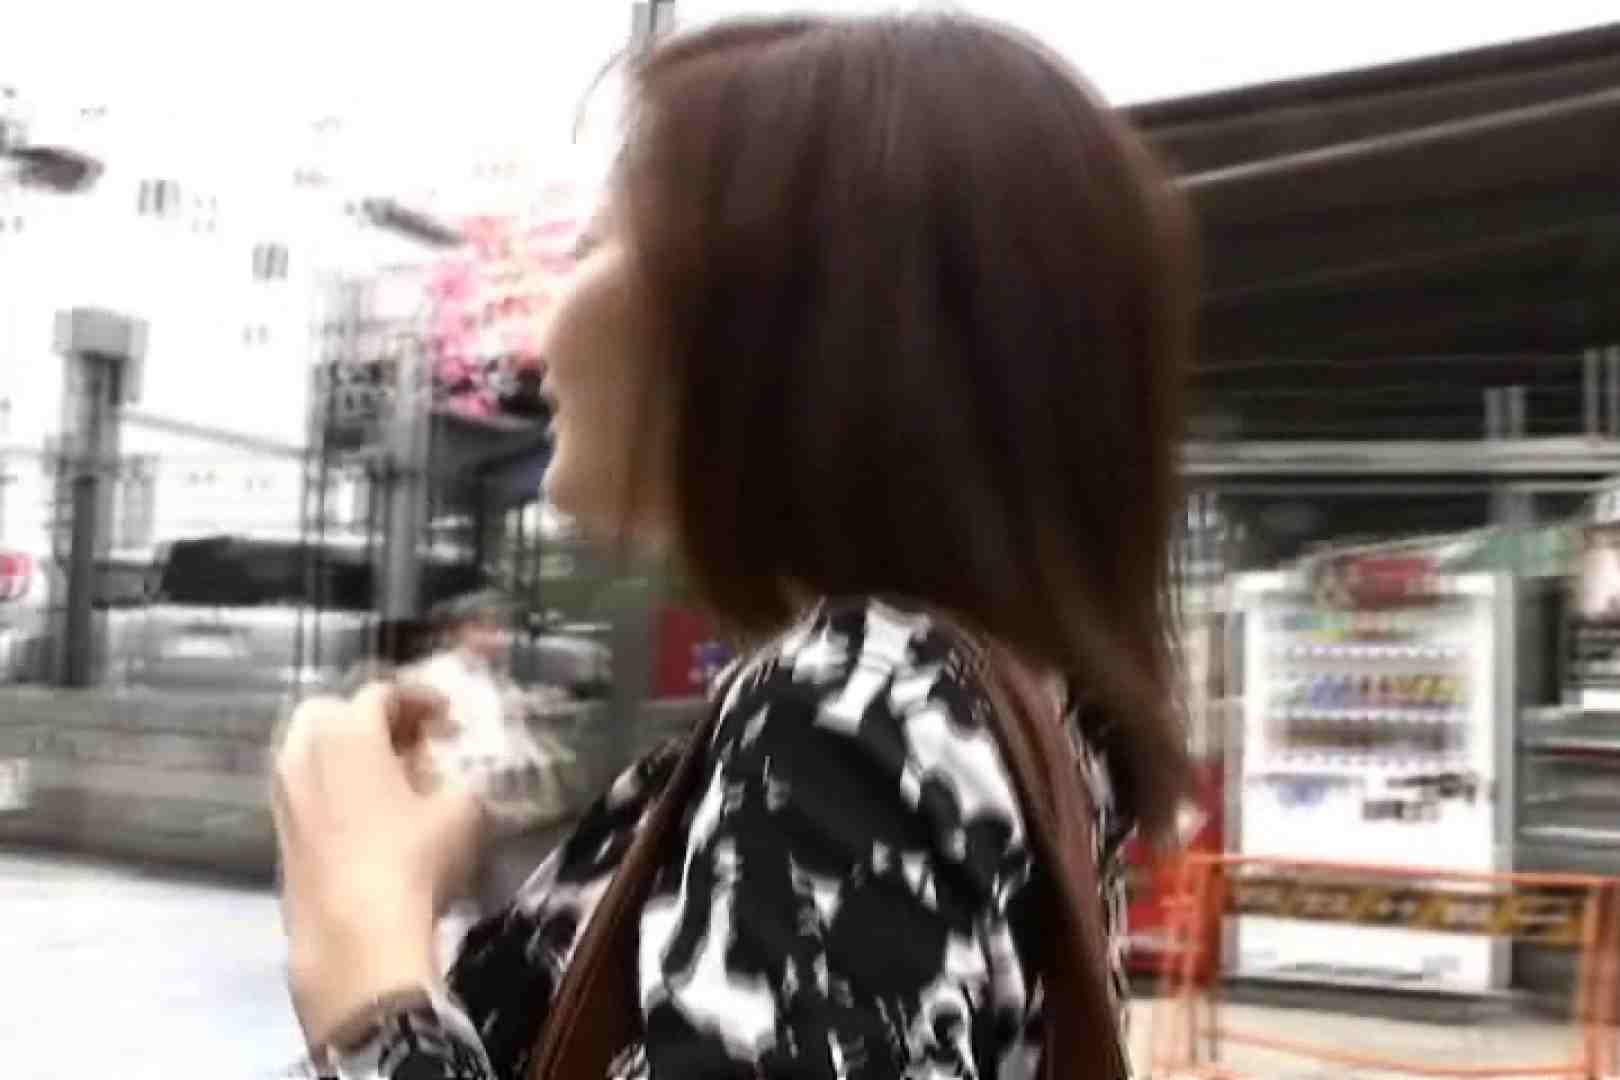 ハイビジョンパンチラ オッテQさんの追跡パンチラ制服女子編Vol.04 追跡   パンチラ  60pic 33